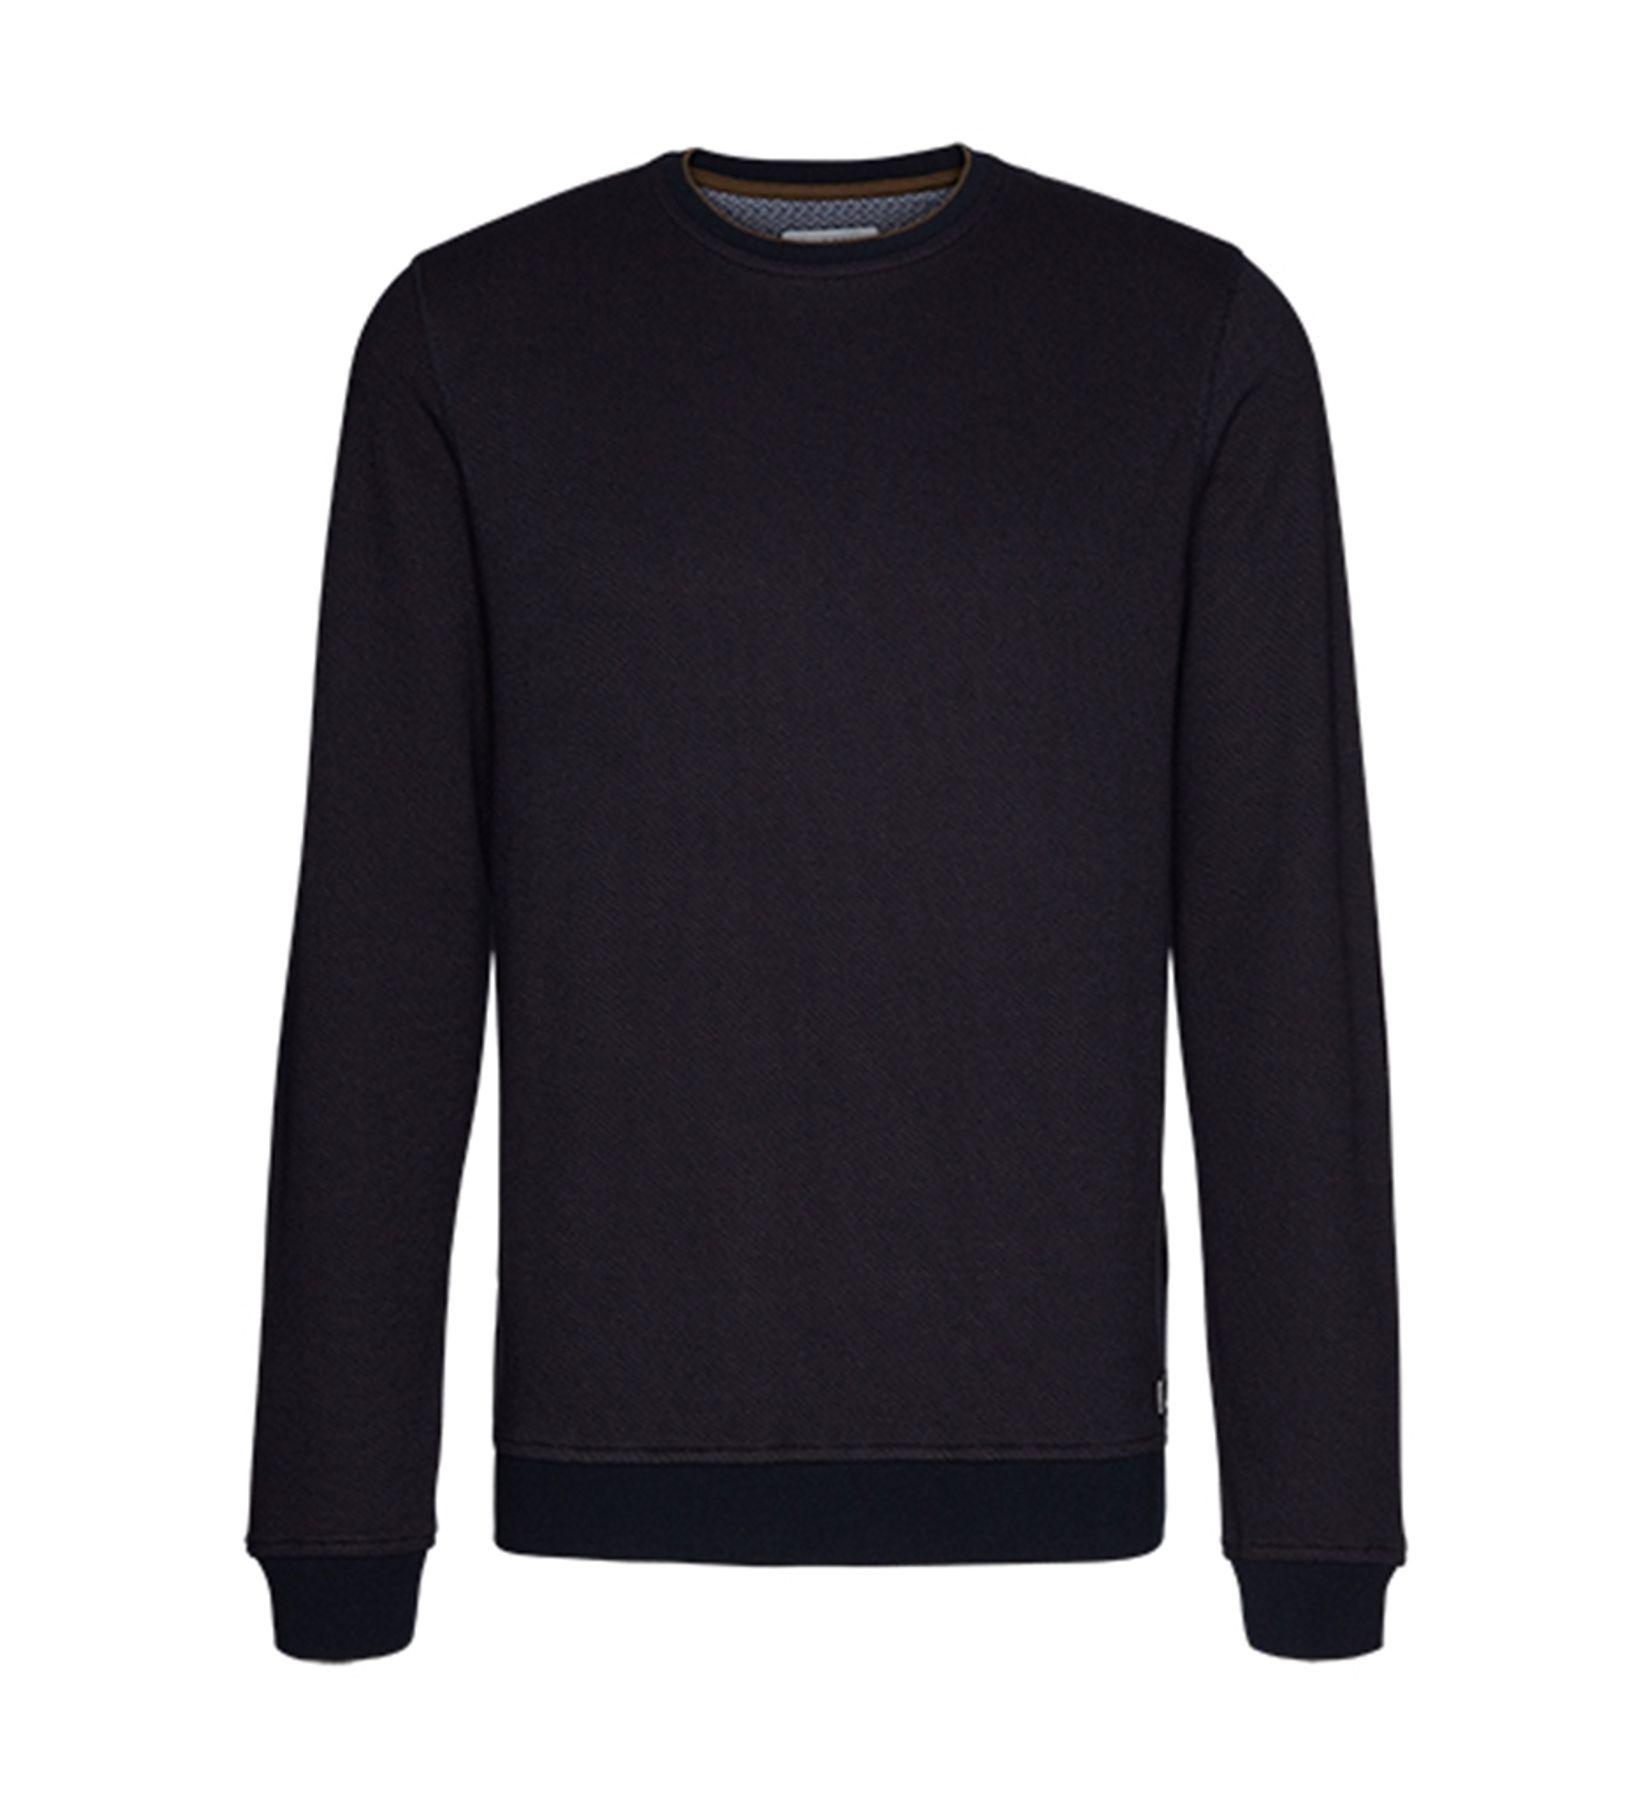 Bugatti - Herren Pullover Sweater mit Pünktchen (Art. Nr.: 25071-8650) – Bild 2